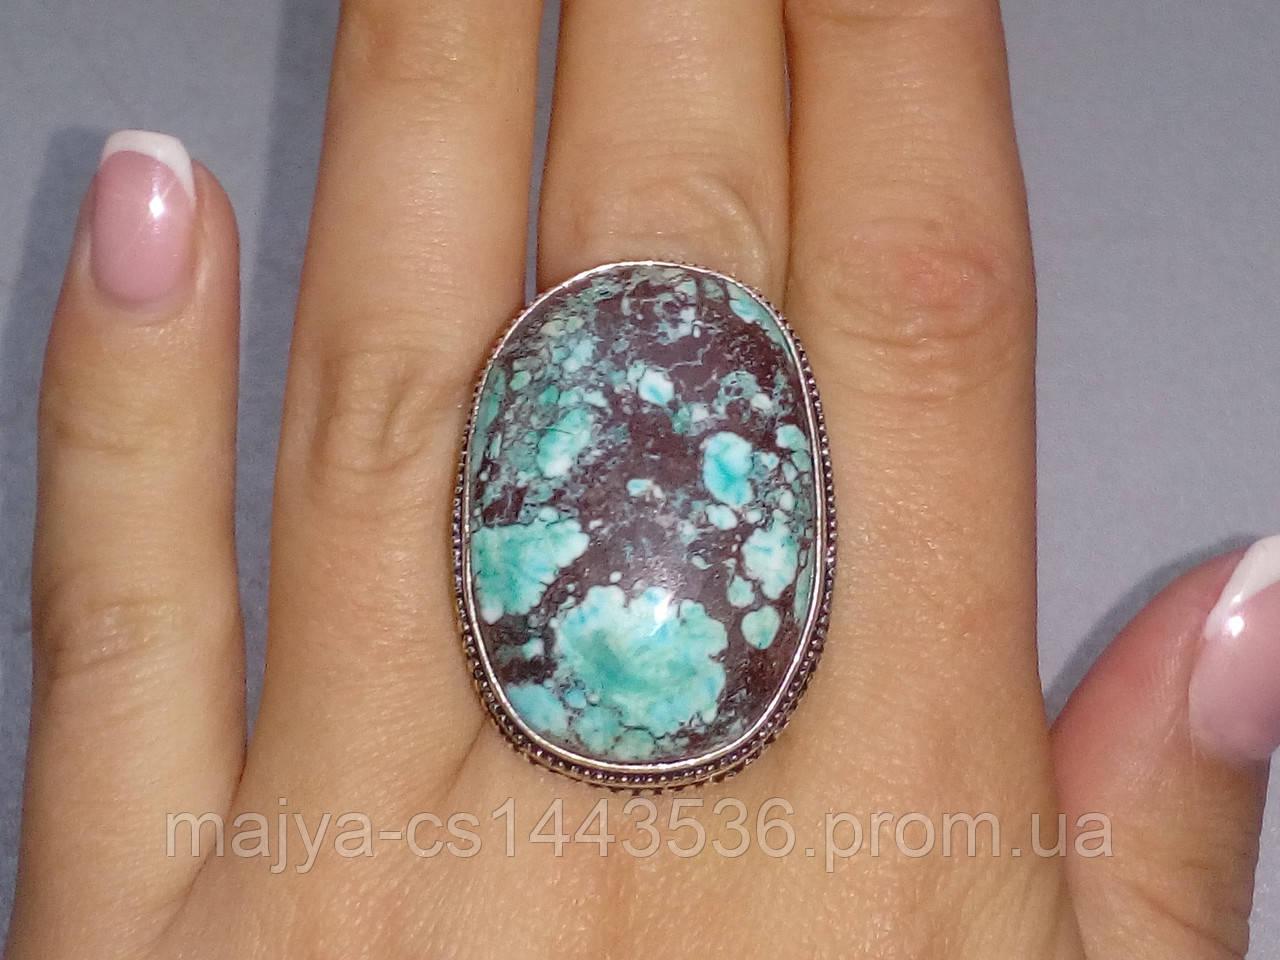 Бирюза кольцо с бирюзой 19,5-20  размер, натуральная бирюза в серебре Индия